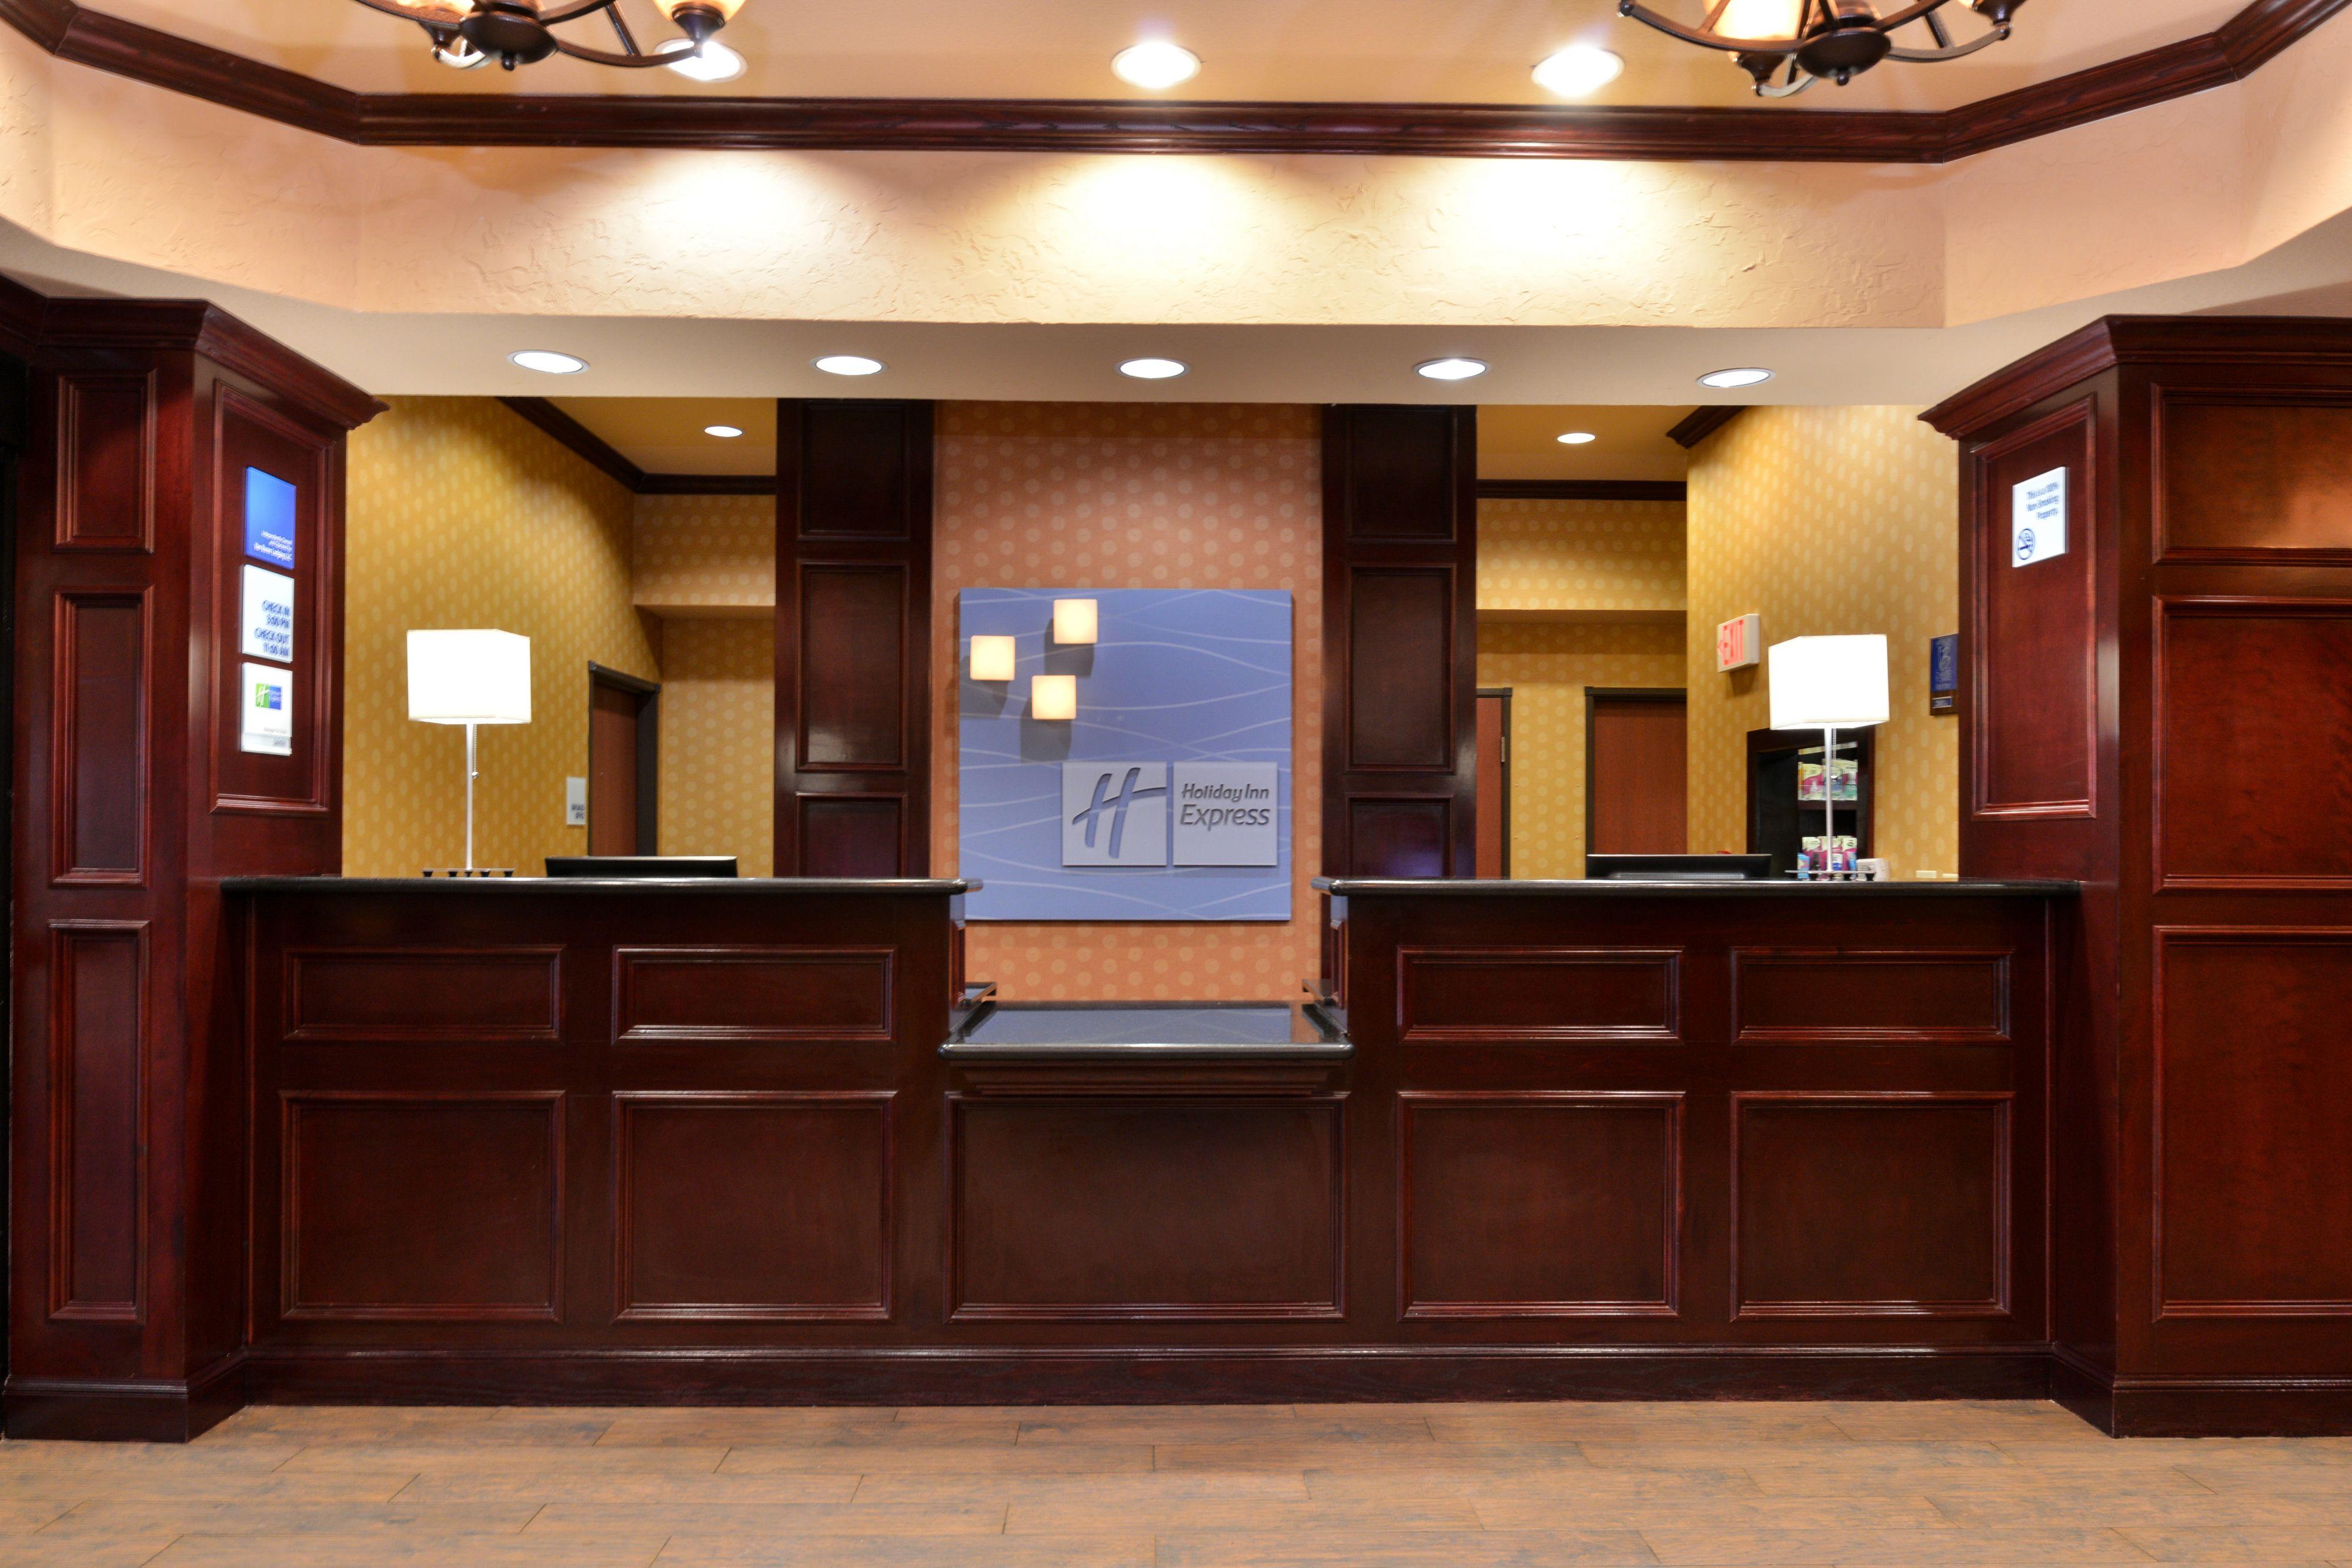 Holiday Inn Express & Suites Van Buren-Ft Smith Area image 5